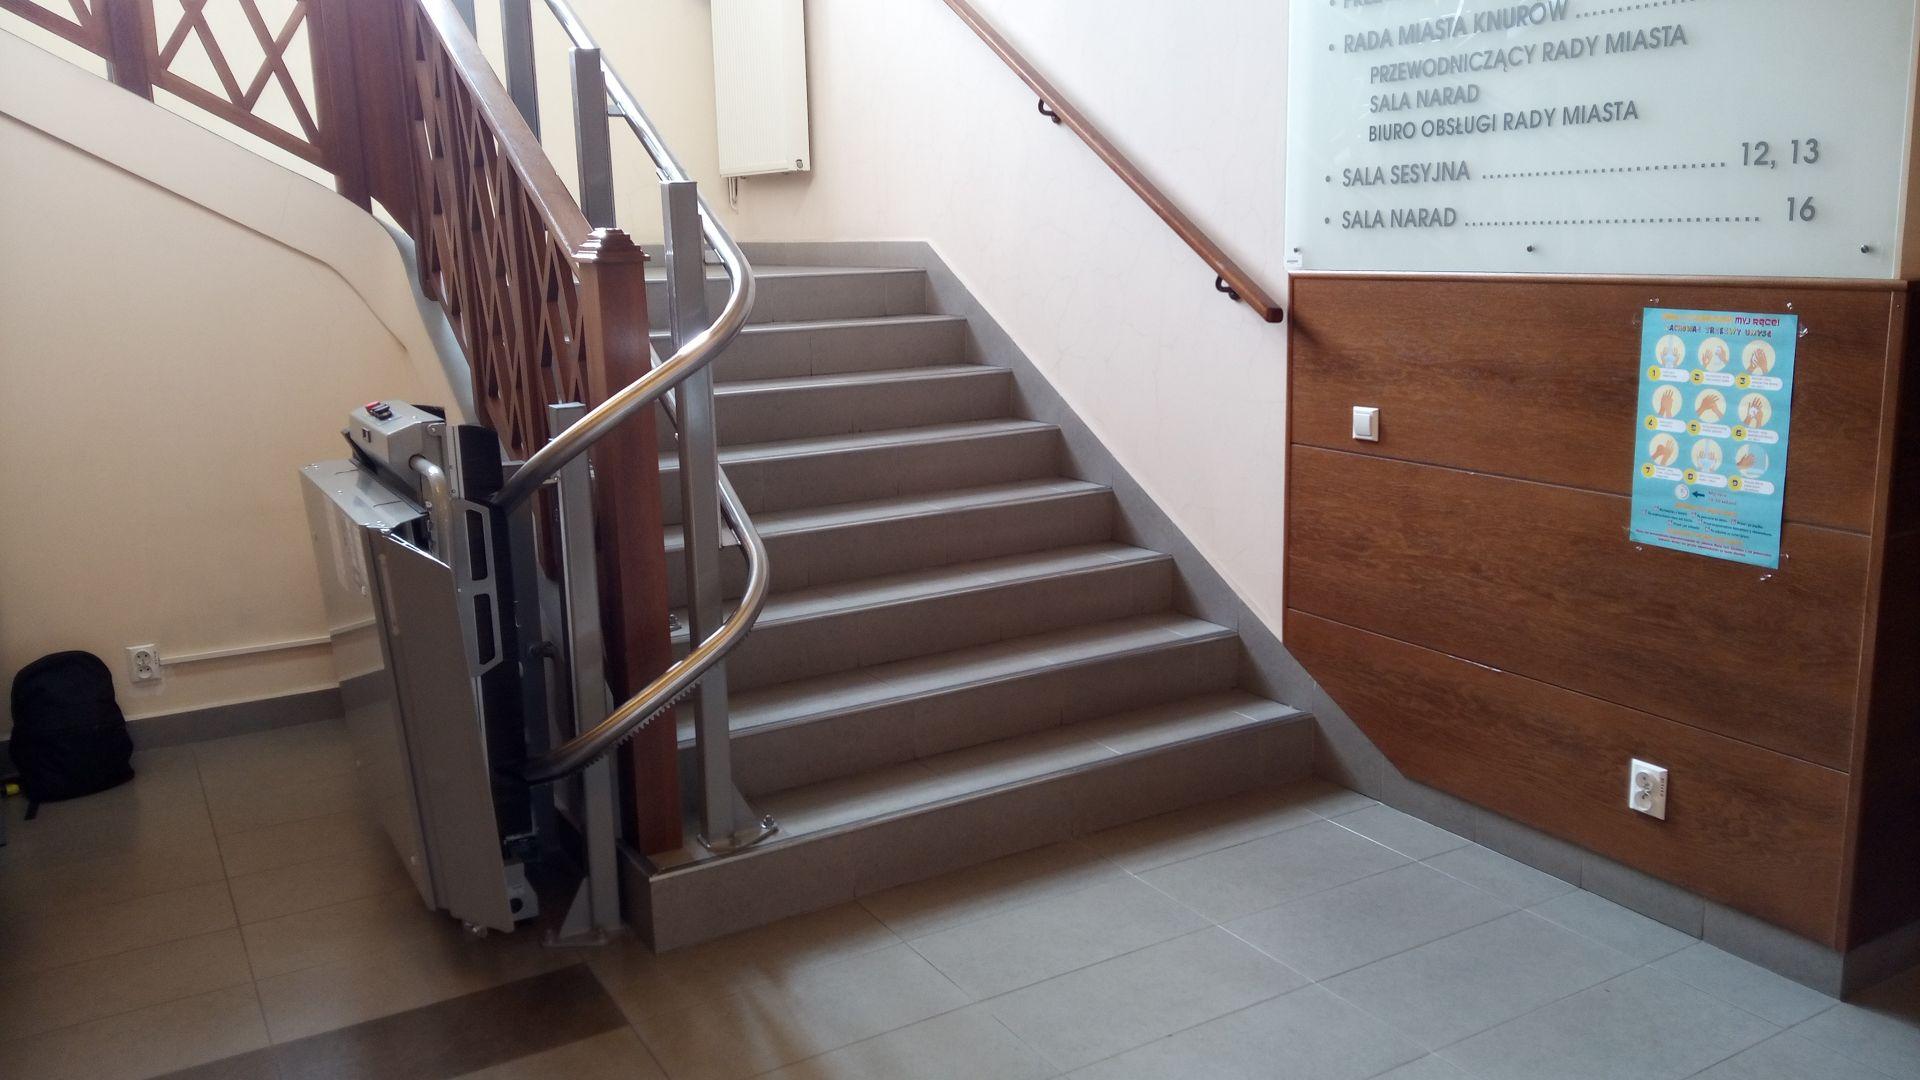 platforma schodowa w budynku Ratusza Miejskiego w Knurowie